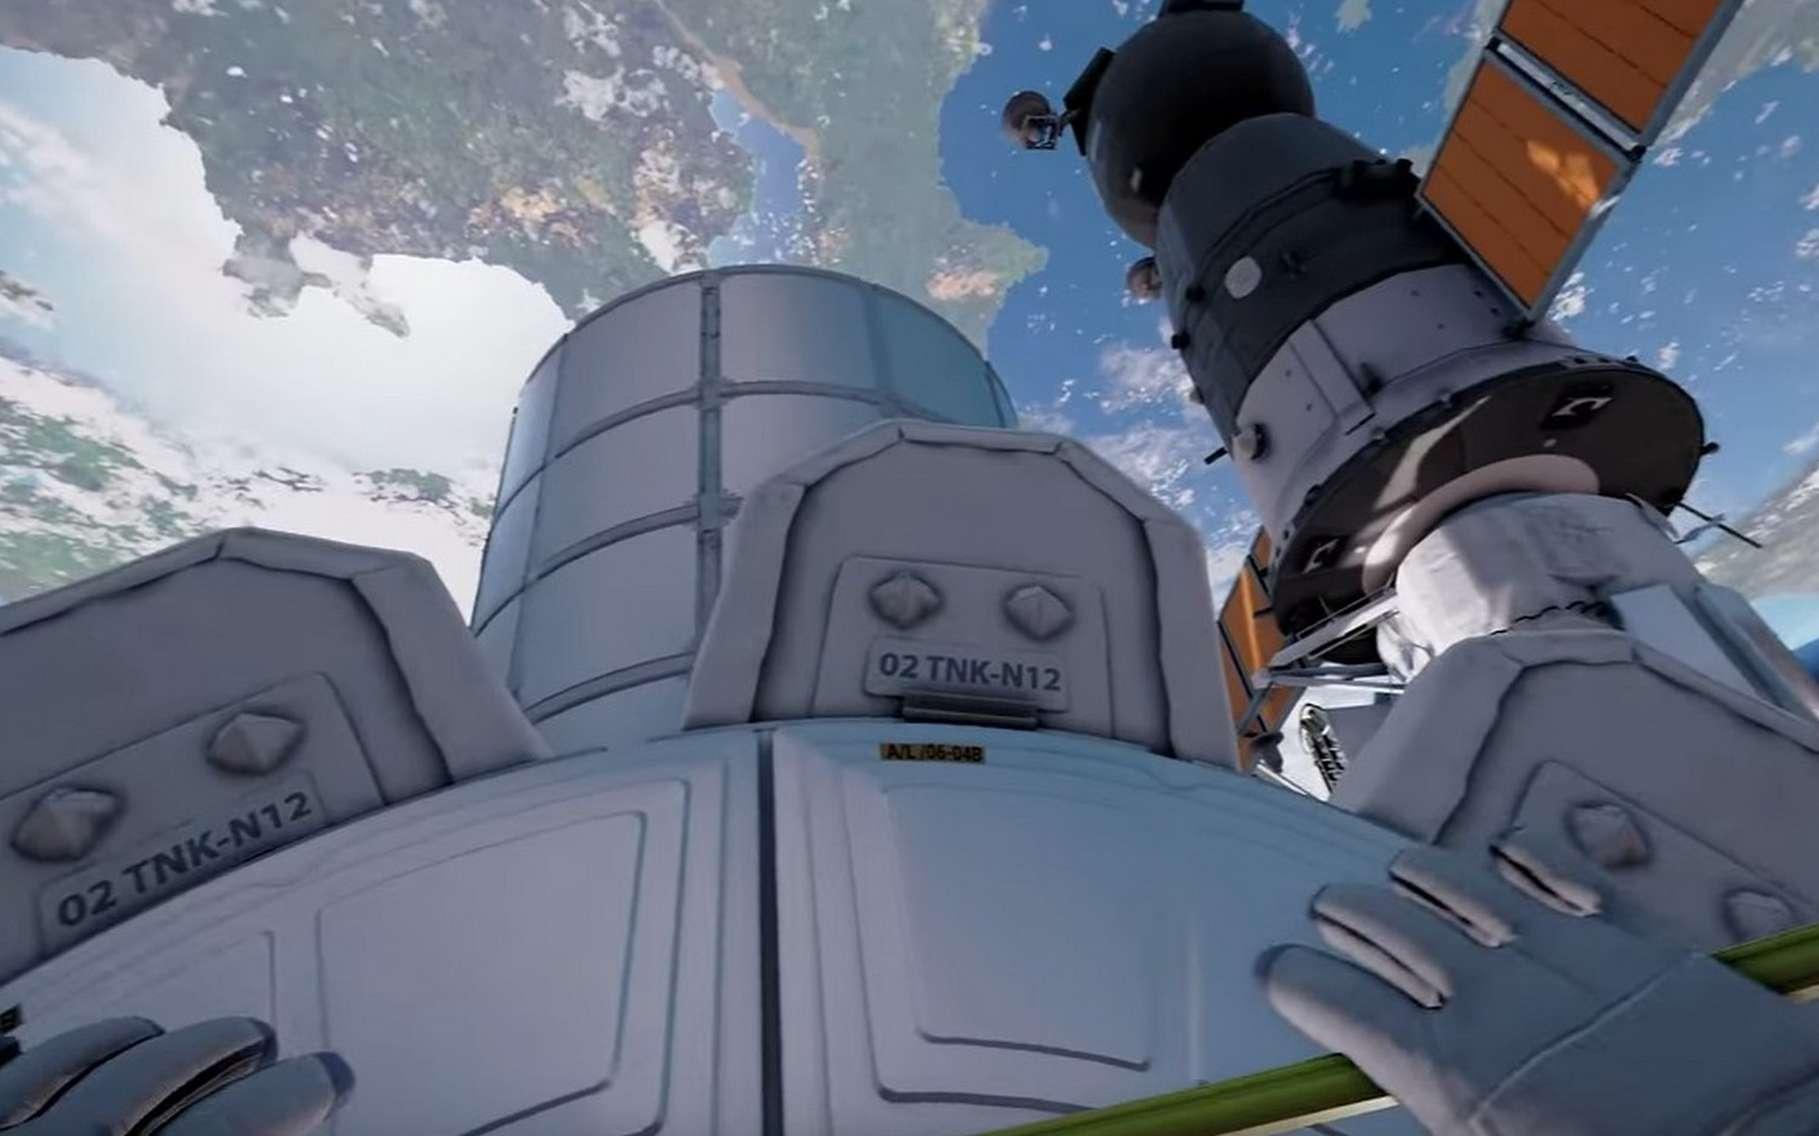 La réalité virtuelle offre une opportunité unique de vivre au plus près l'aventure spatiale. © Rewind